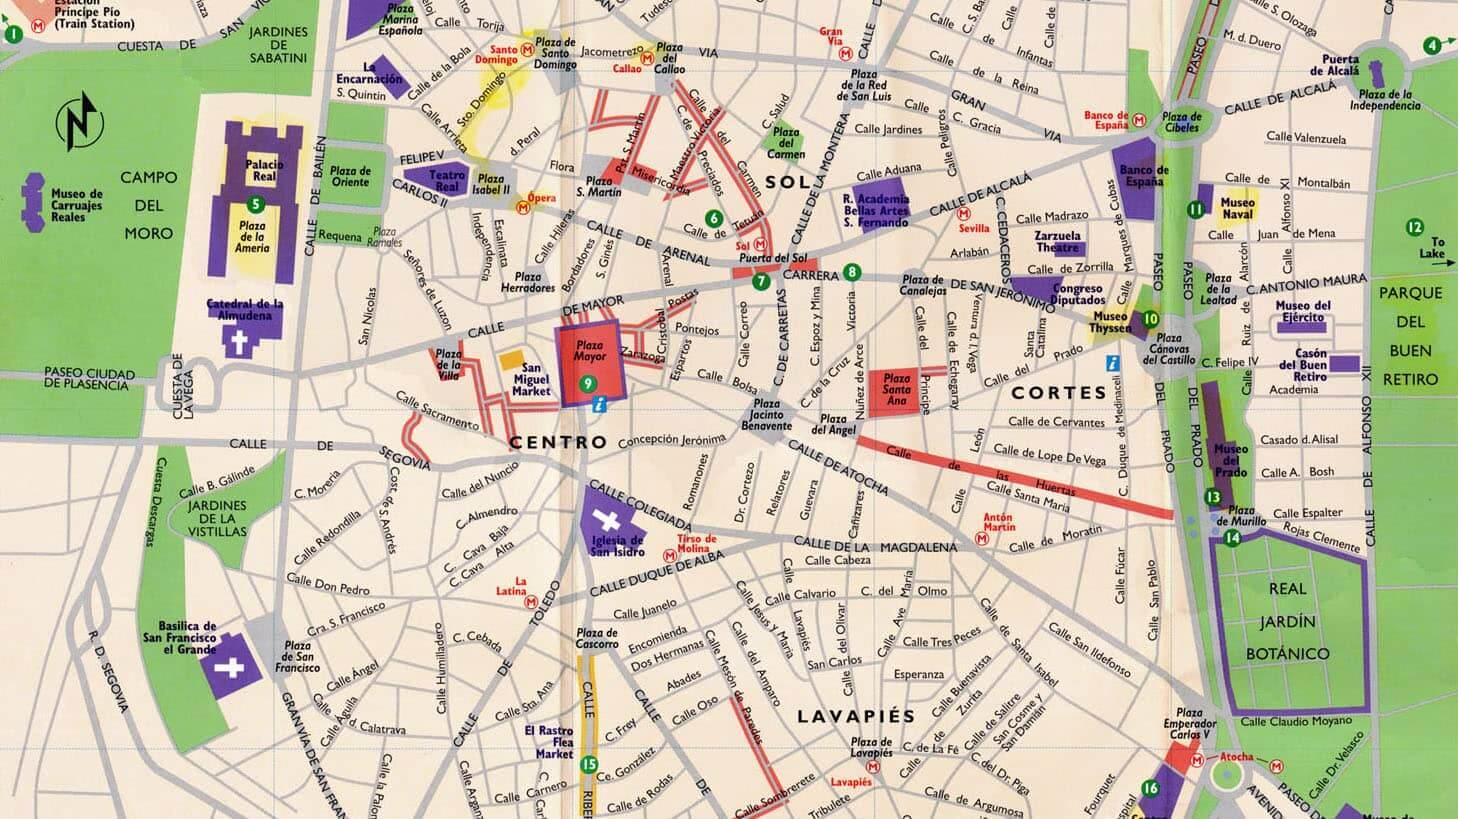 Mapa de las regiones mas turísticas en Madrid